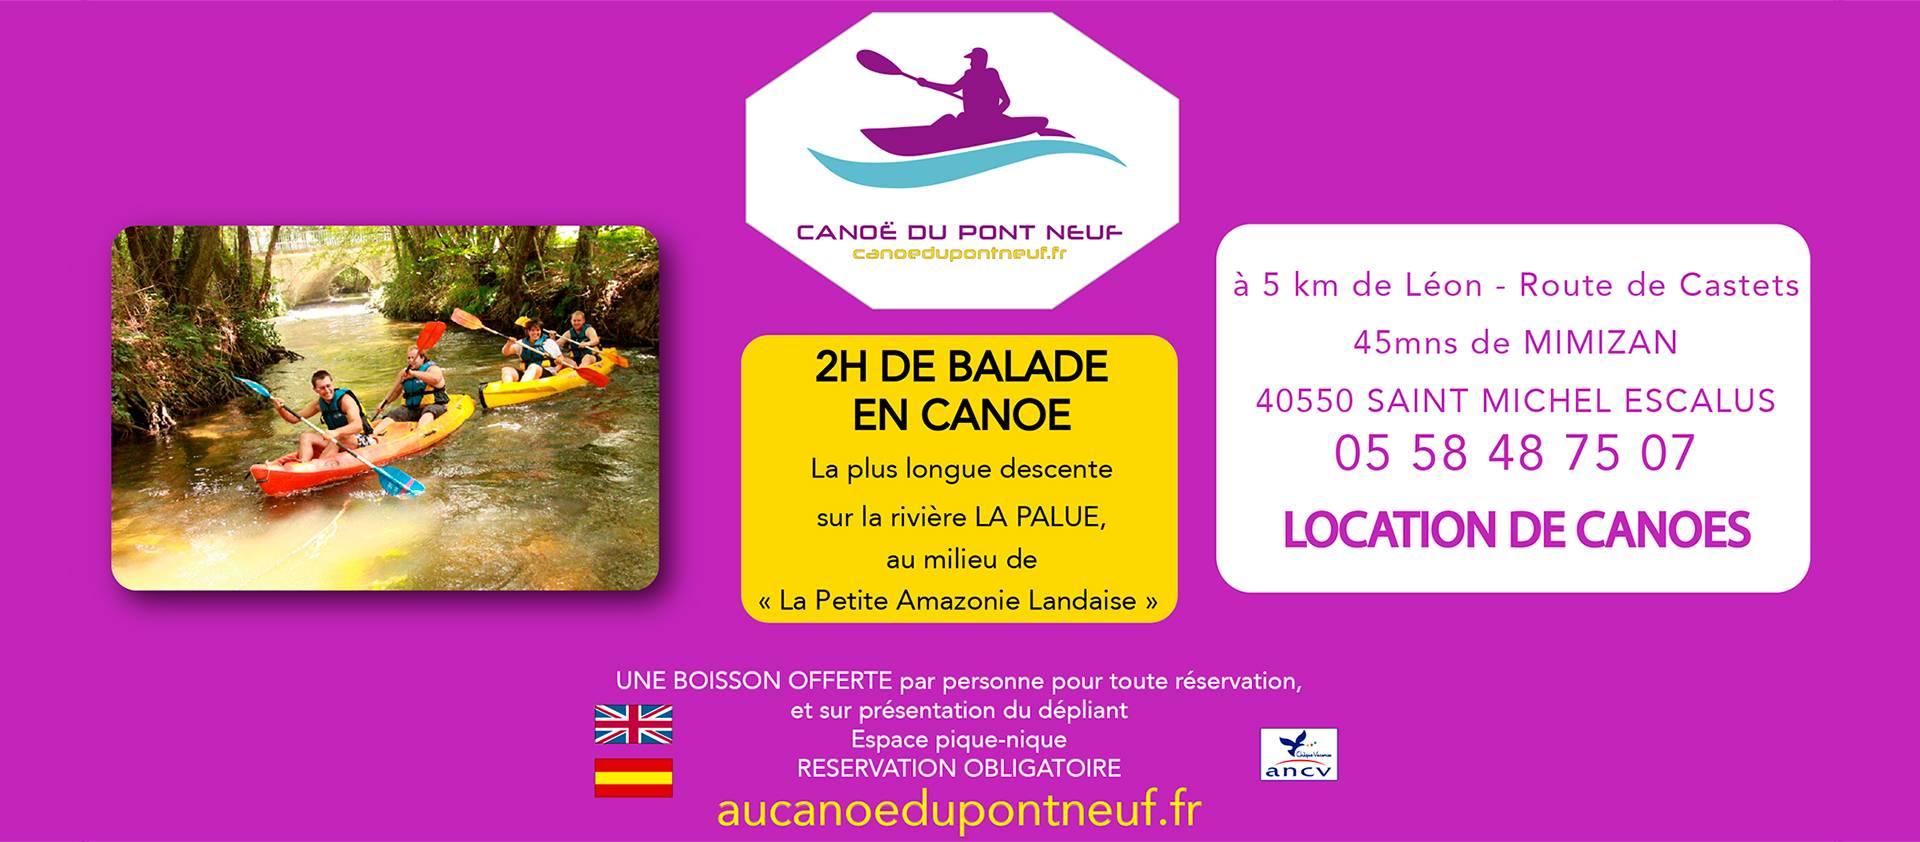 Canoë du Pont Neuf : Kayak dans les Landes